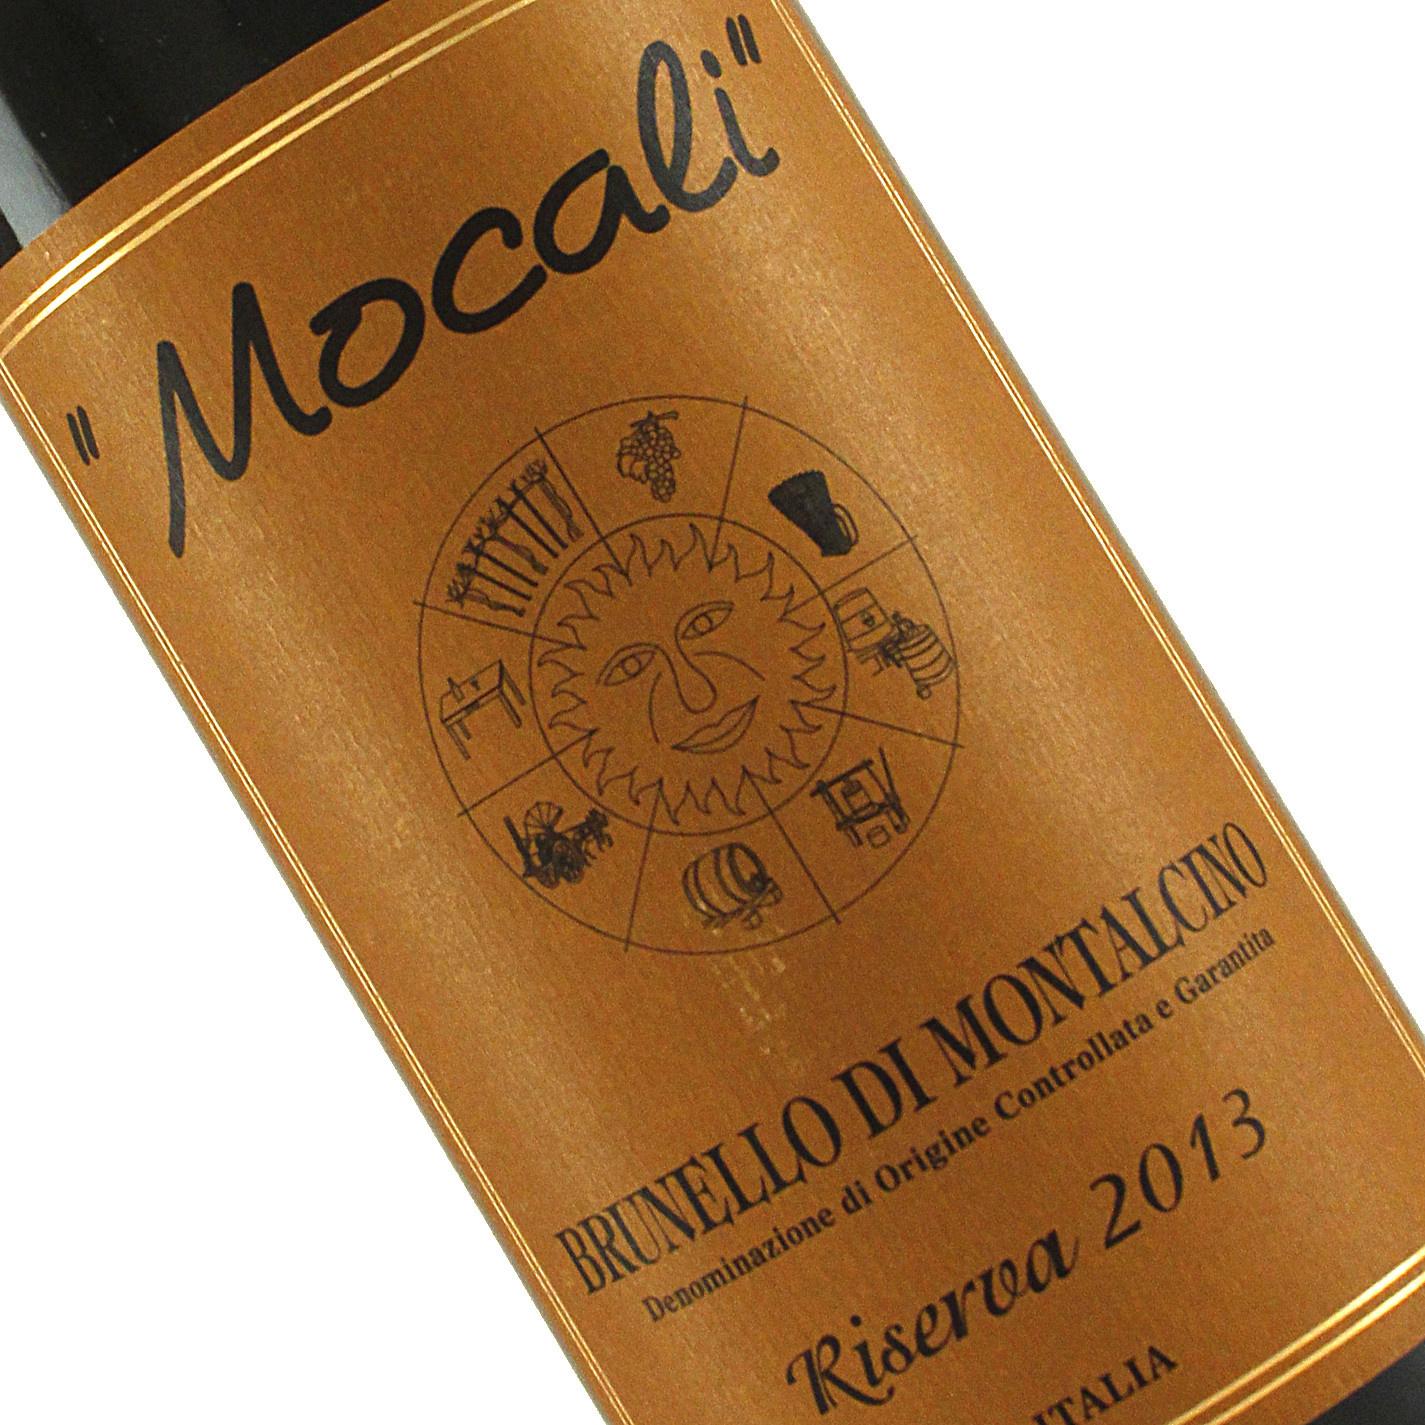 Mocali 2013 Brunello Di Montalcino Riserva, Tuscany